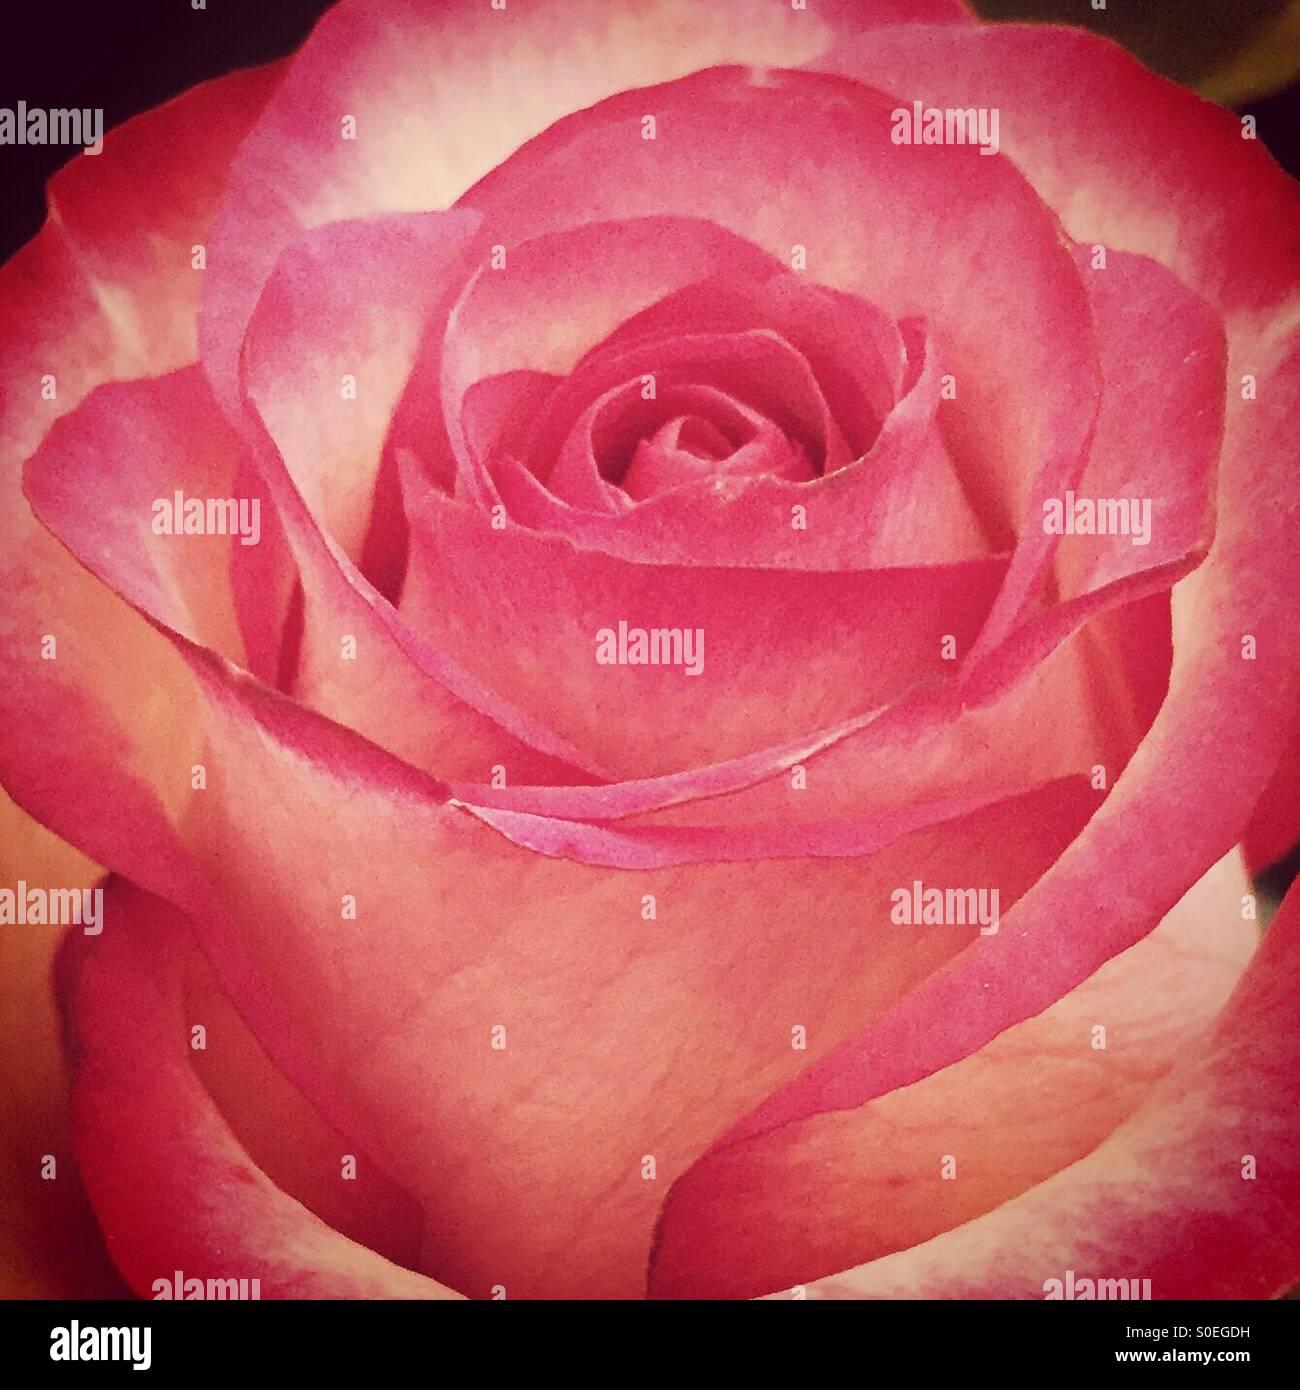 Primo piano di una rosa e la crema rosa in fiore - amore e bellezza. Immagini Stock